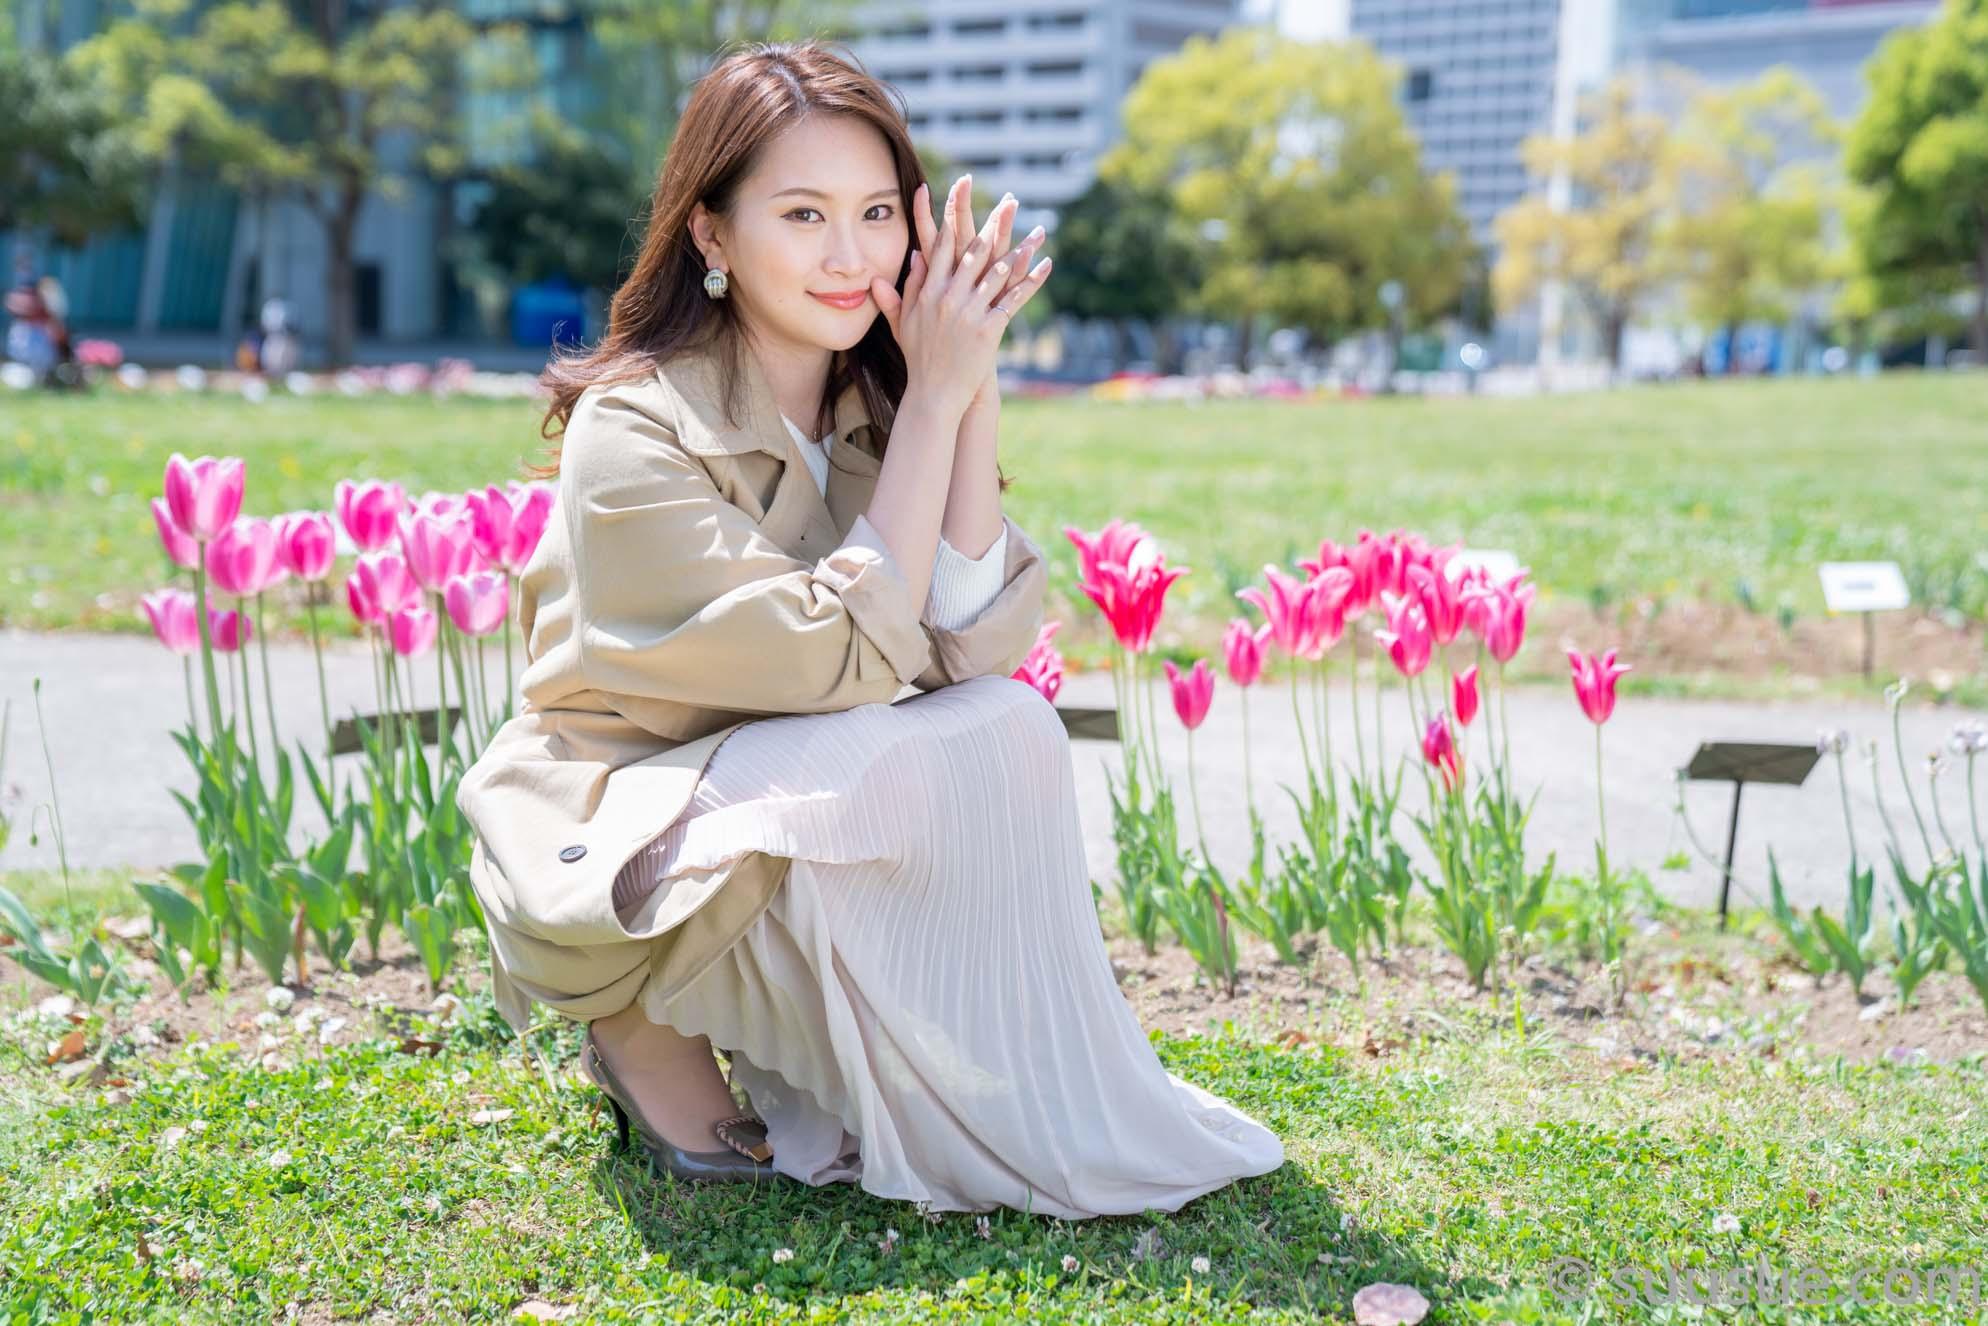 福江菜々華 2019/04/20 NewType撮影会 シンボルプロムナード公園